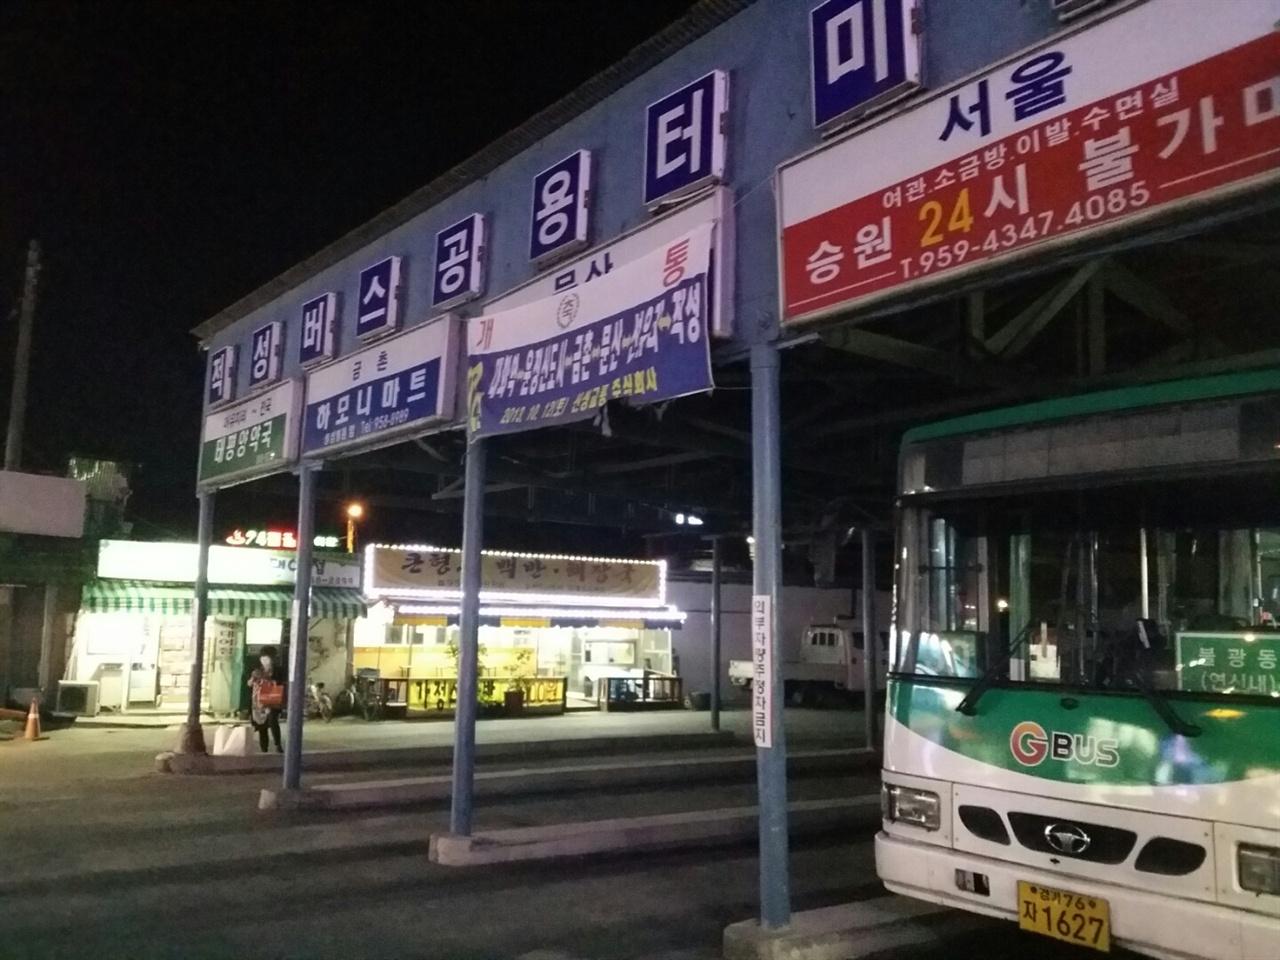 파주 적성은 시내버스로 접근하기에 꽤나 매력적인 여행지이다. 사진은 매표의 필요성이 낮아져 폐쇄된 적성공용버스터미널.